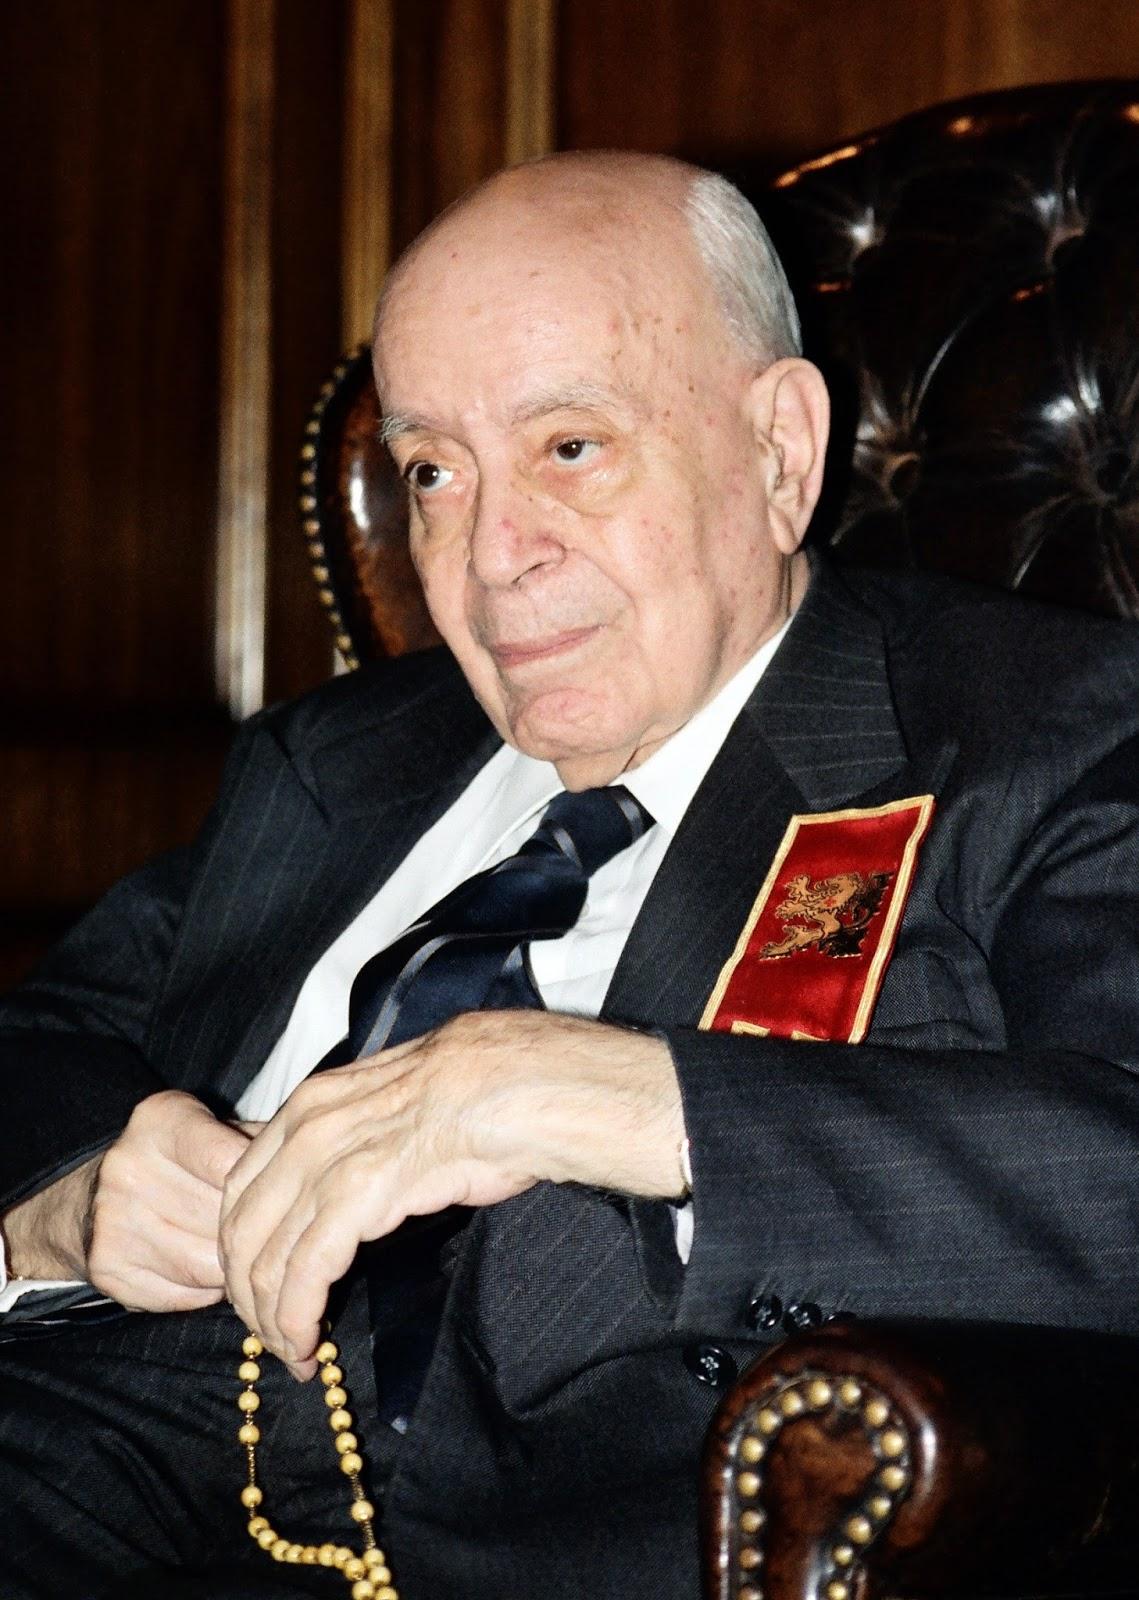 Plinio Corrêa de Oliveira, a Prophet for Our Days